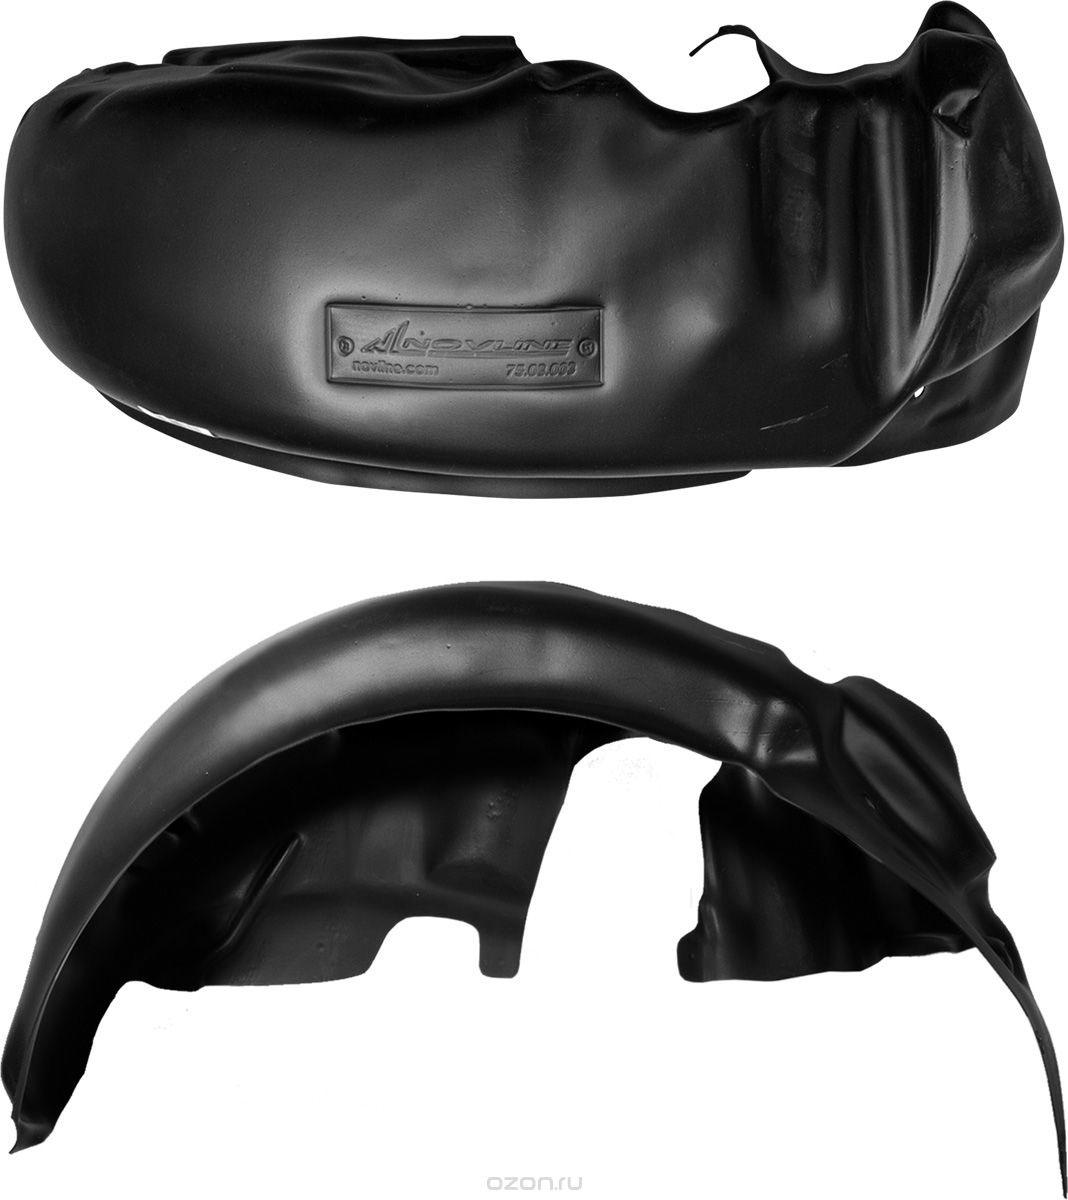 Подкрылок Novline-Autofamily, для TOYOTA Land Cruiser Prado 01/2003-2009, задний левыйSS 4041Идеальная защита колесной ниши. Локеры разработаны с применением цифровых технологий, гарантируют максимальную повторяемость поверхности арки. Изделия устанавливаются без нарушения лакокрасочного покрытия автомобиля, каждый подкрылок комплектуется крепежом. Уважаемые клиенты, обращаем ваше внимание, что фотографии на подкрылки универсальные и не отражают реальную форму изделия. При этом само изделие идет точно под размер указанного автомобиля.